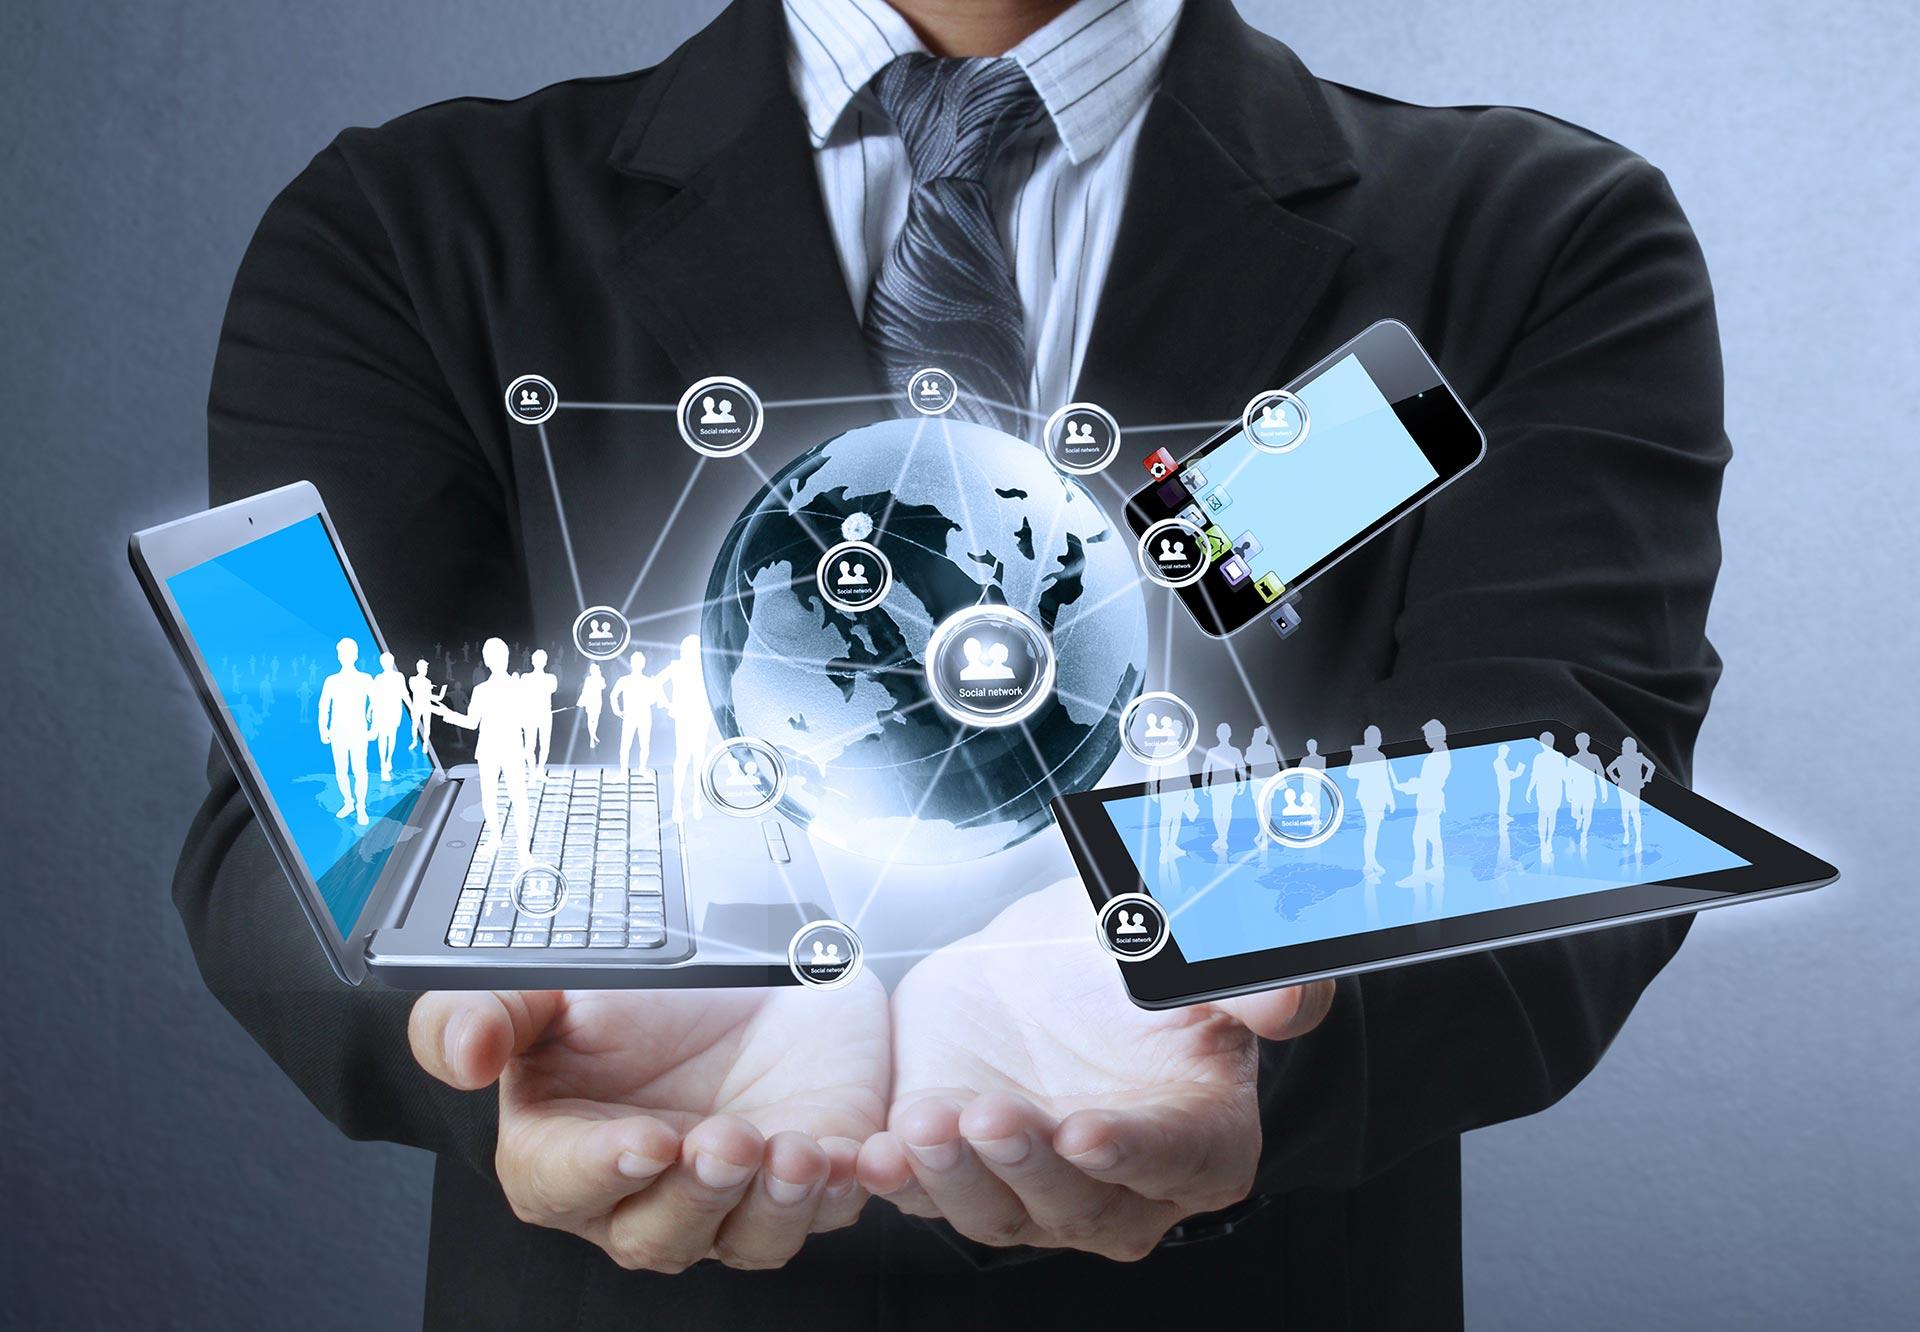 אדם מחזיק מחשב עם טכנולוגיה